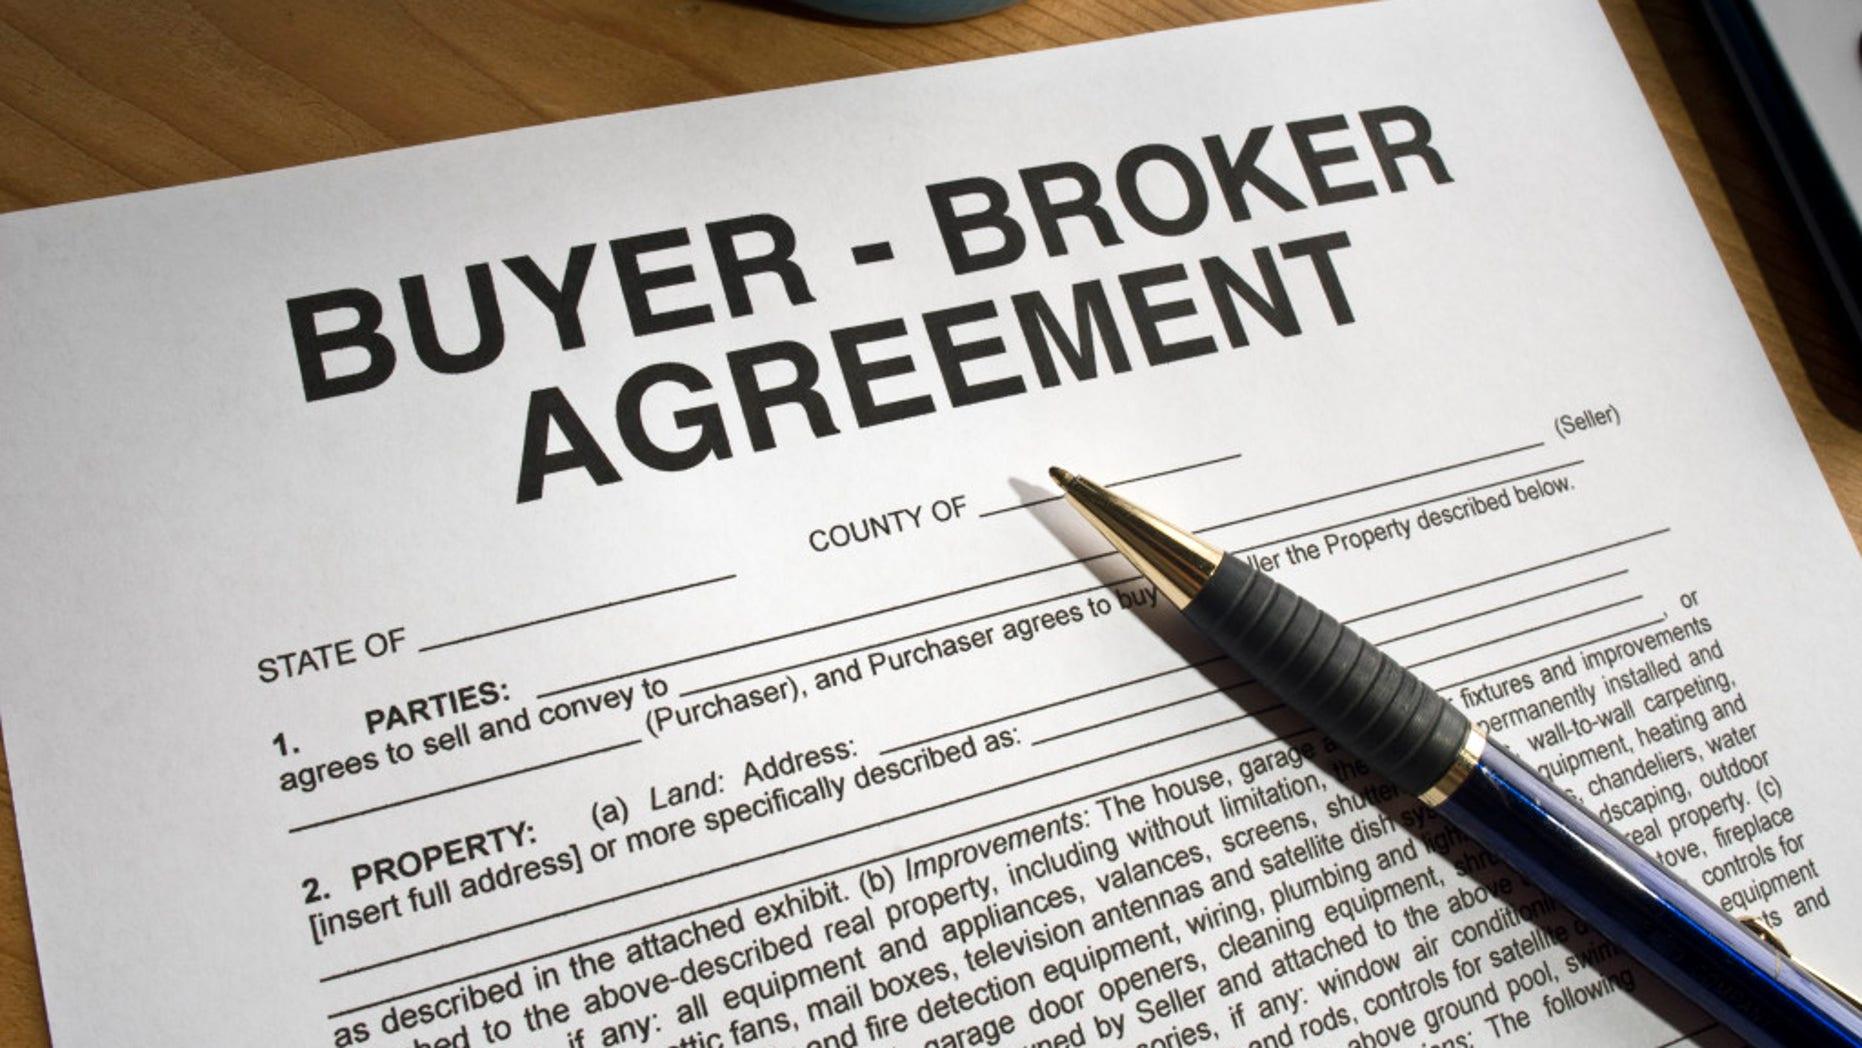 Buyer-broker contract